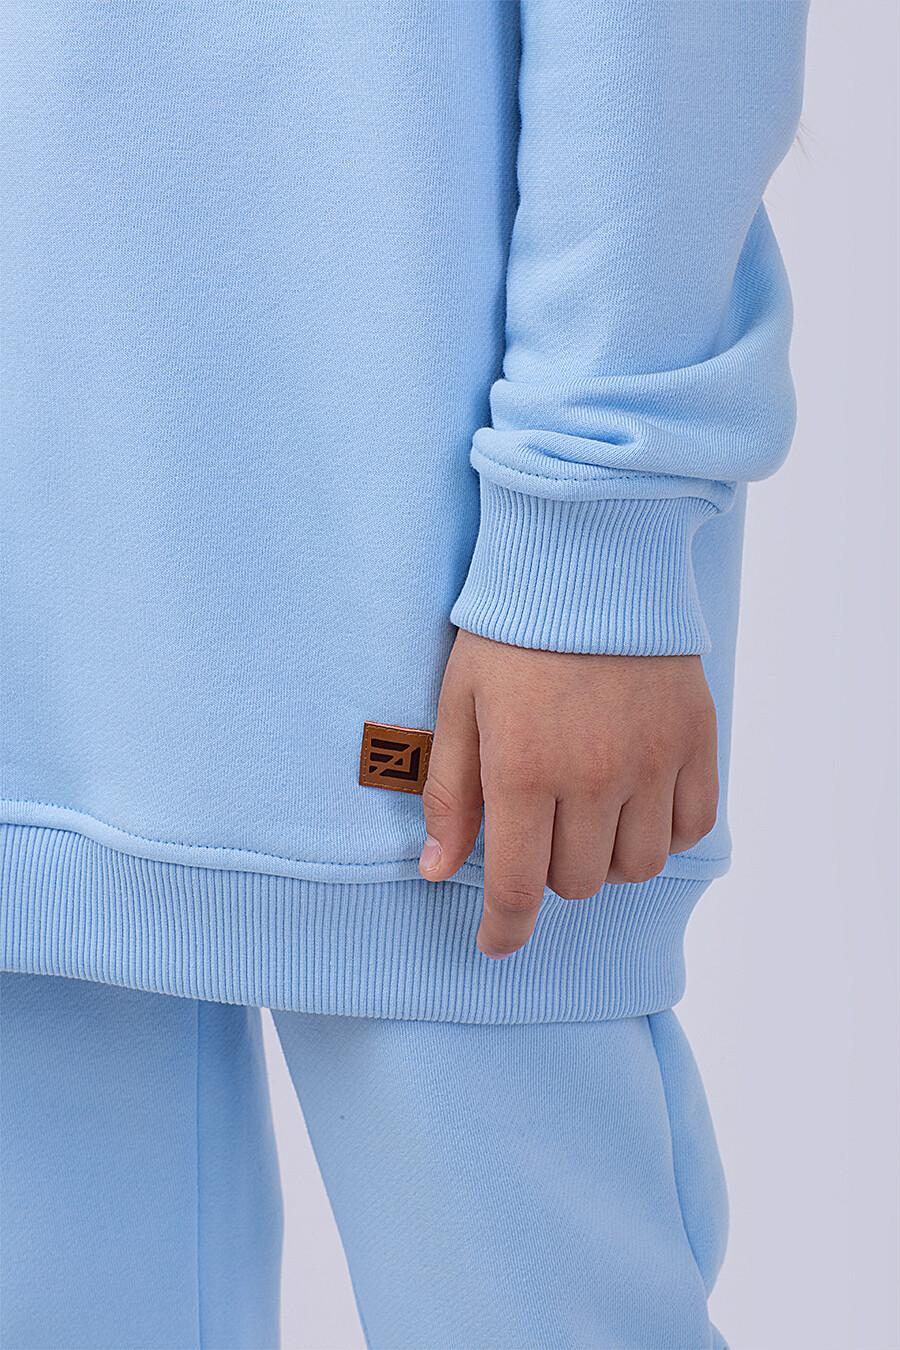 Костюм(Худи+Брюки) для девочек EZANNA 682724 купить оптом от производителя. Совместная покупка детской одежды в OptMoyo